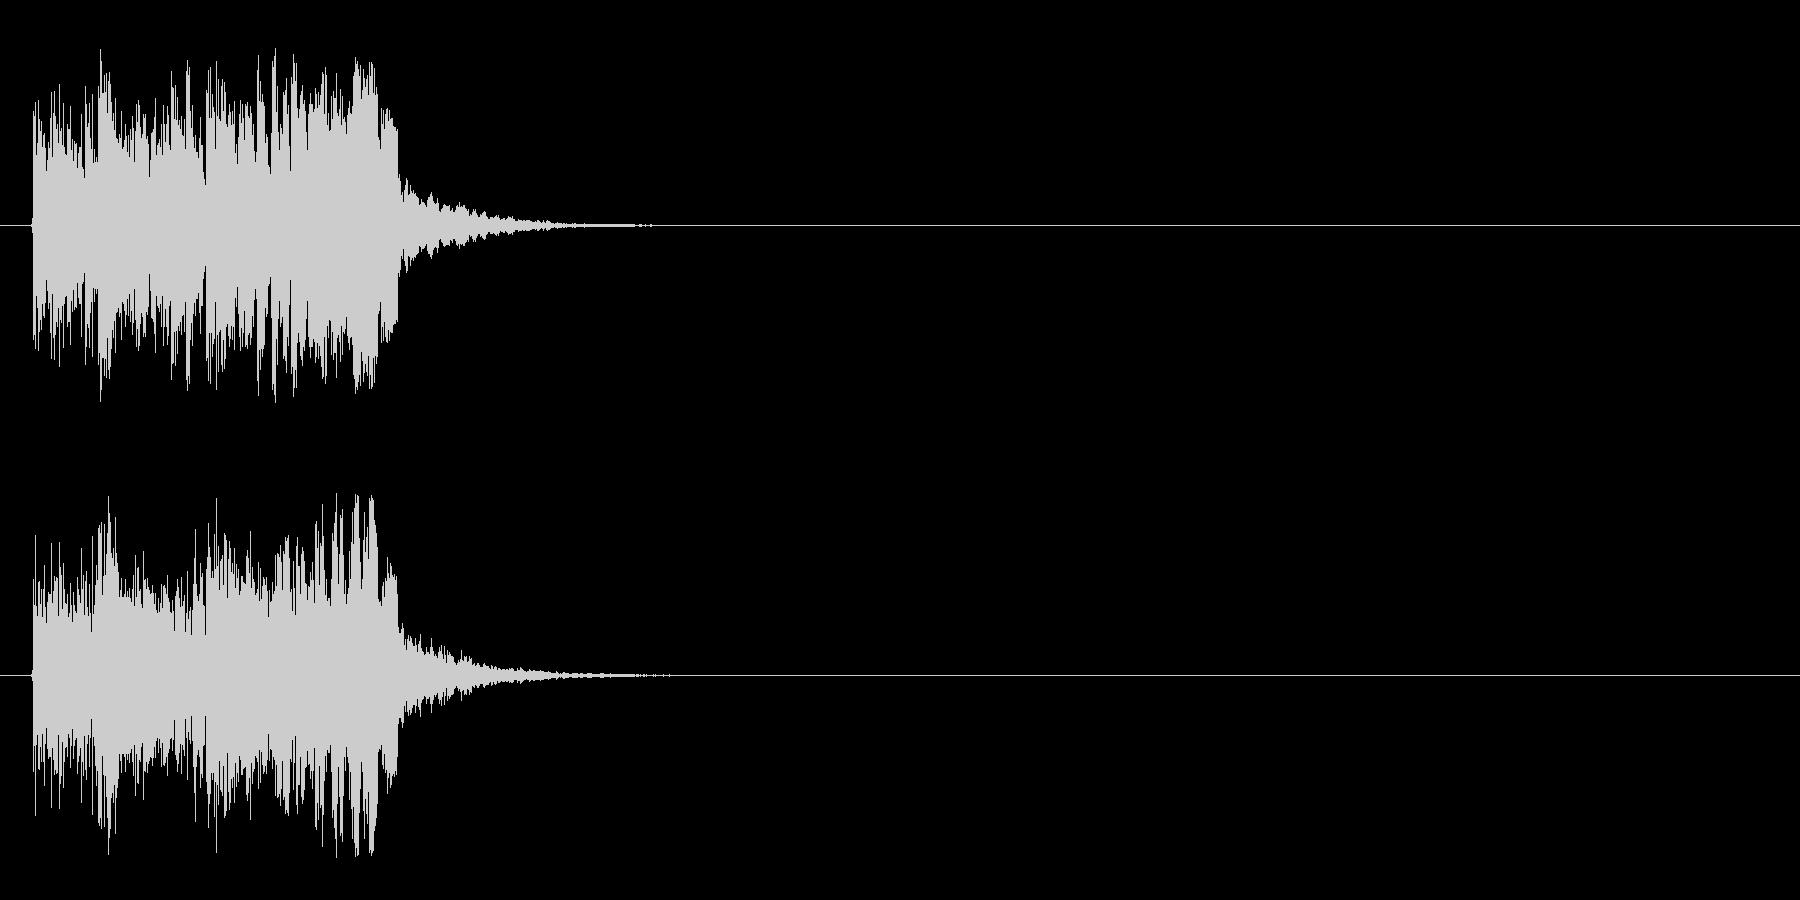 ジングル/アタック(ダイナミックSE)の未再生の波形